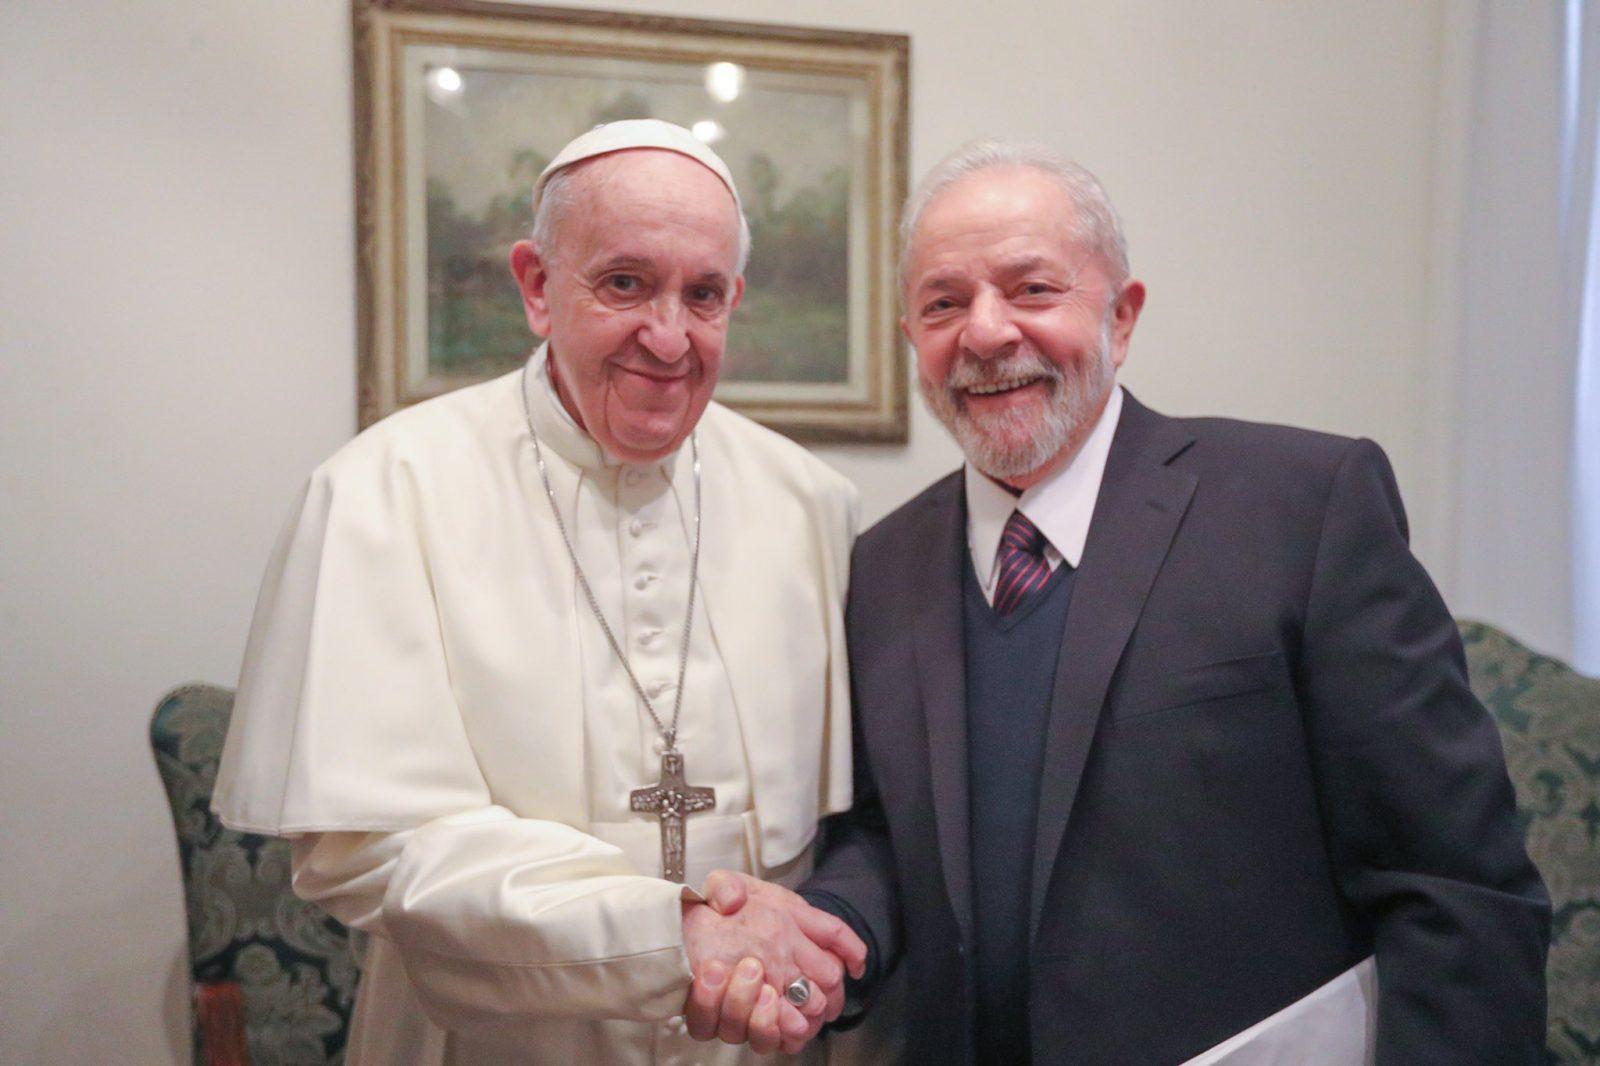 Paraíba Online • Ex-presidente Lula é recebido em audiência pelo papa Francisco